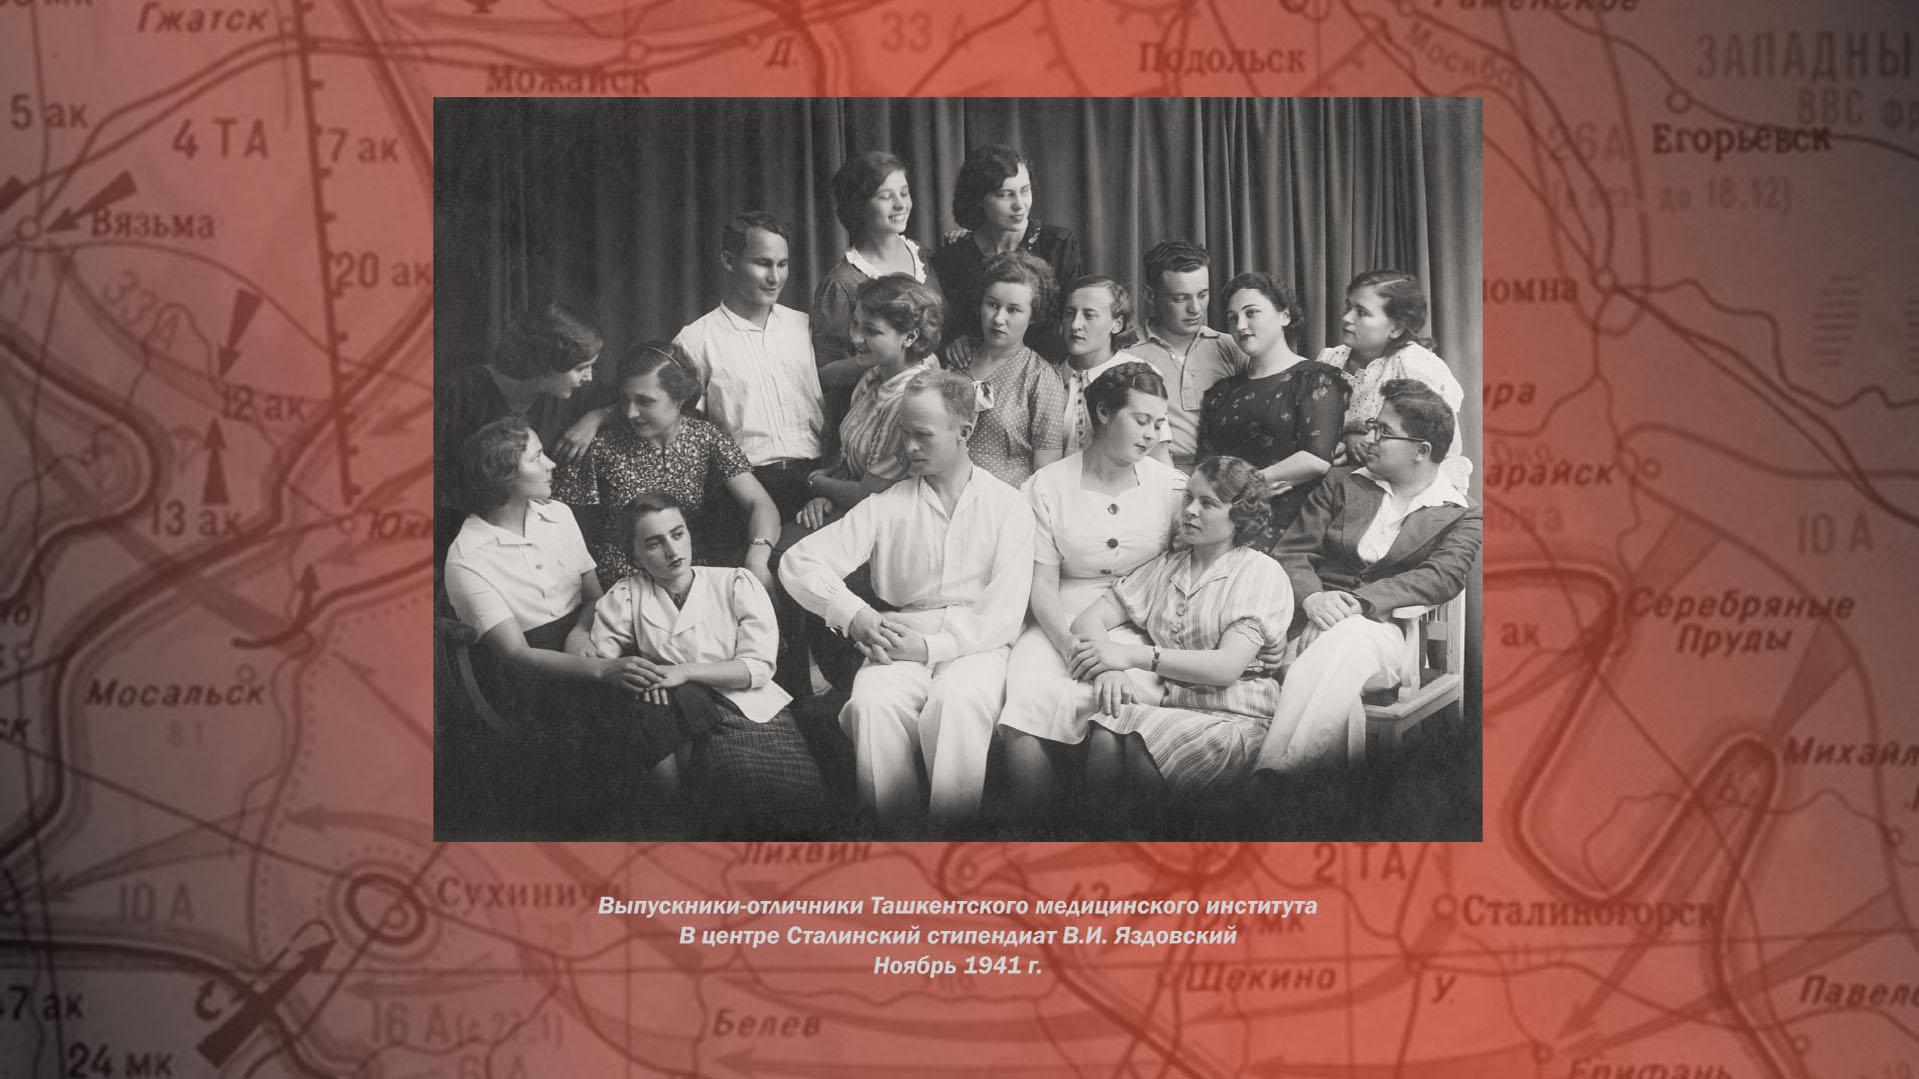 В.И. Яздовский (в центре) среди выпускников-отличников Ташкентского медицинского института